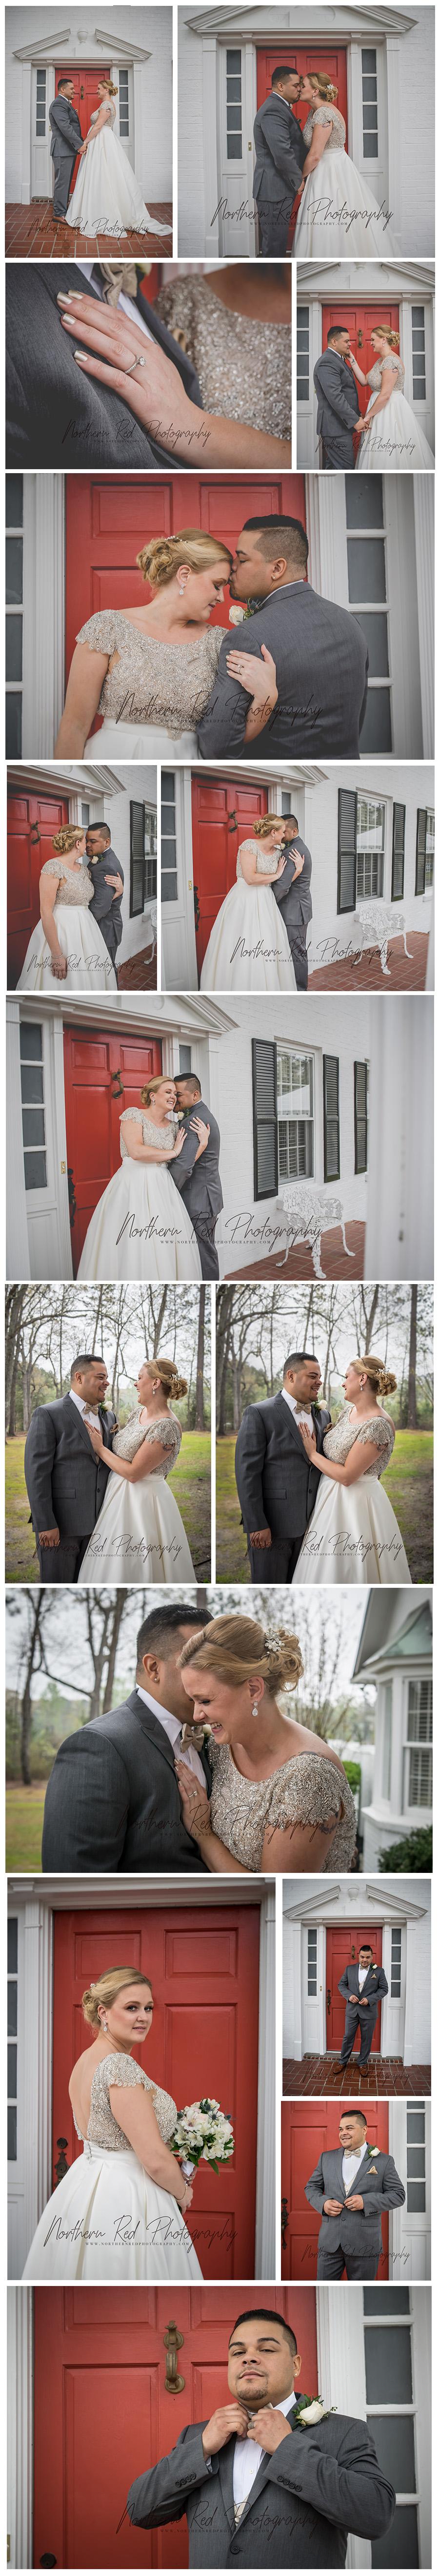 couple photos.jpg